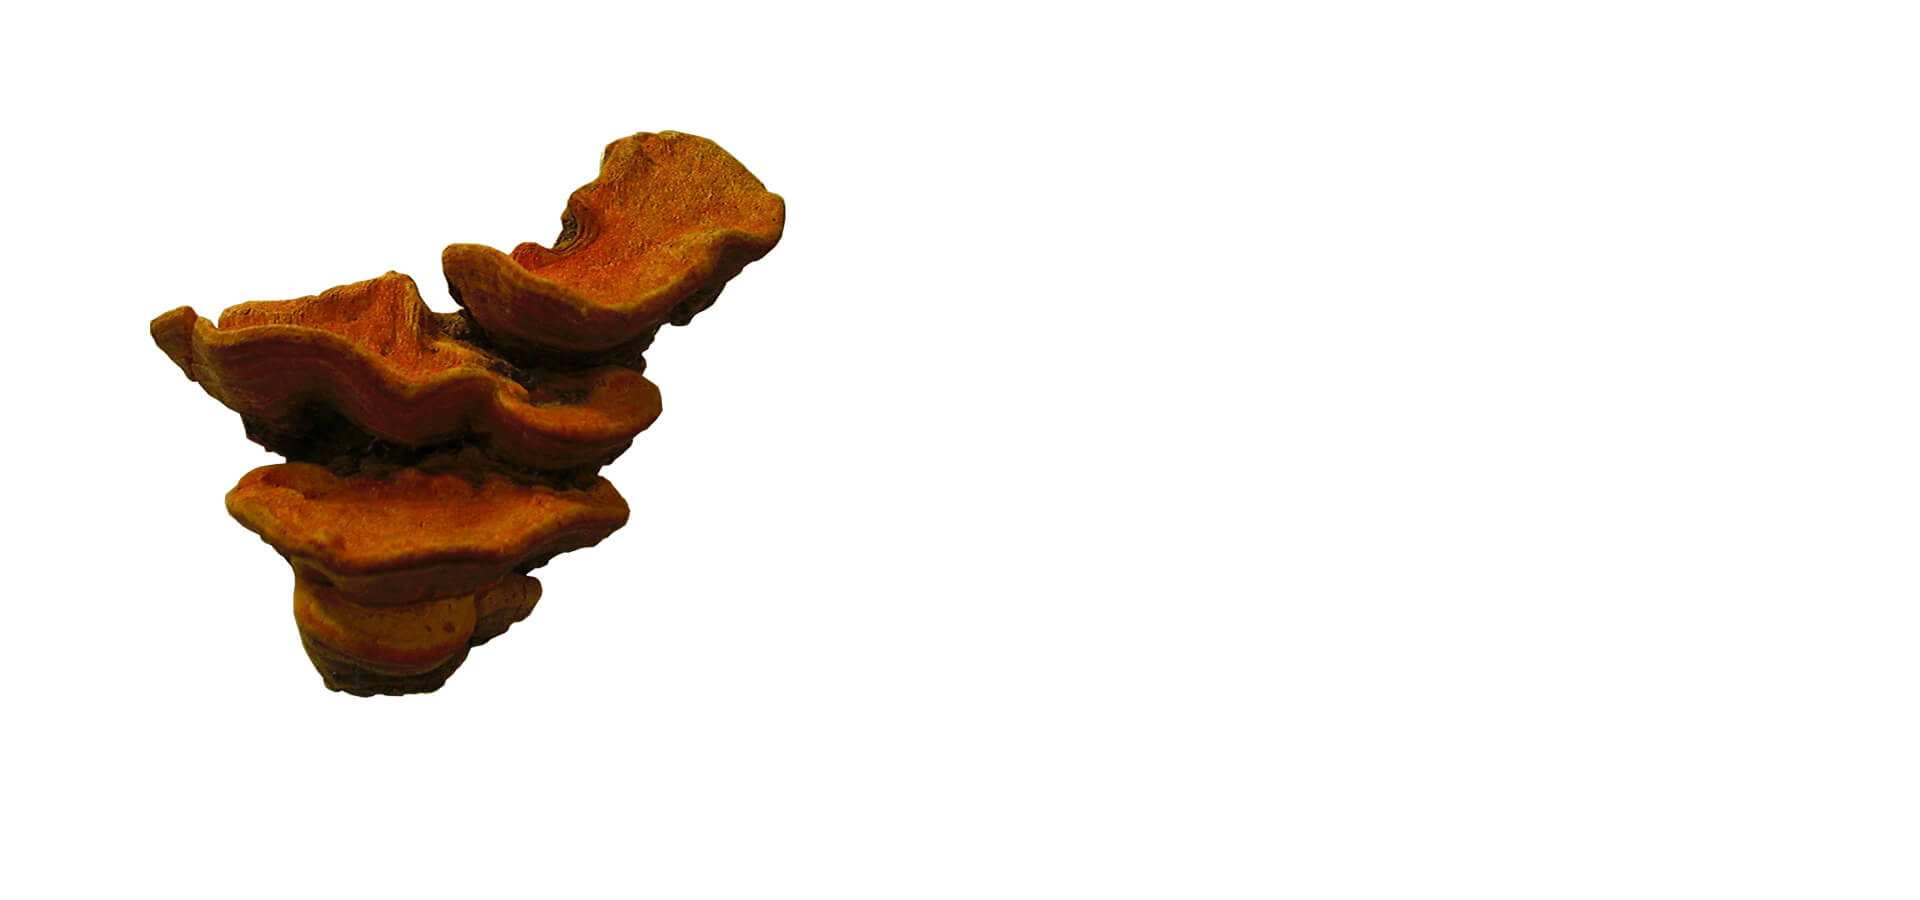 華芝堂 - 華芝牛樟芝品系中最頂級品種